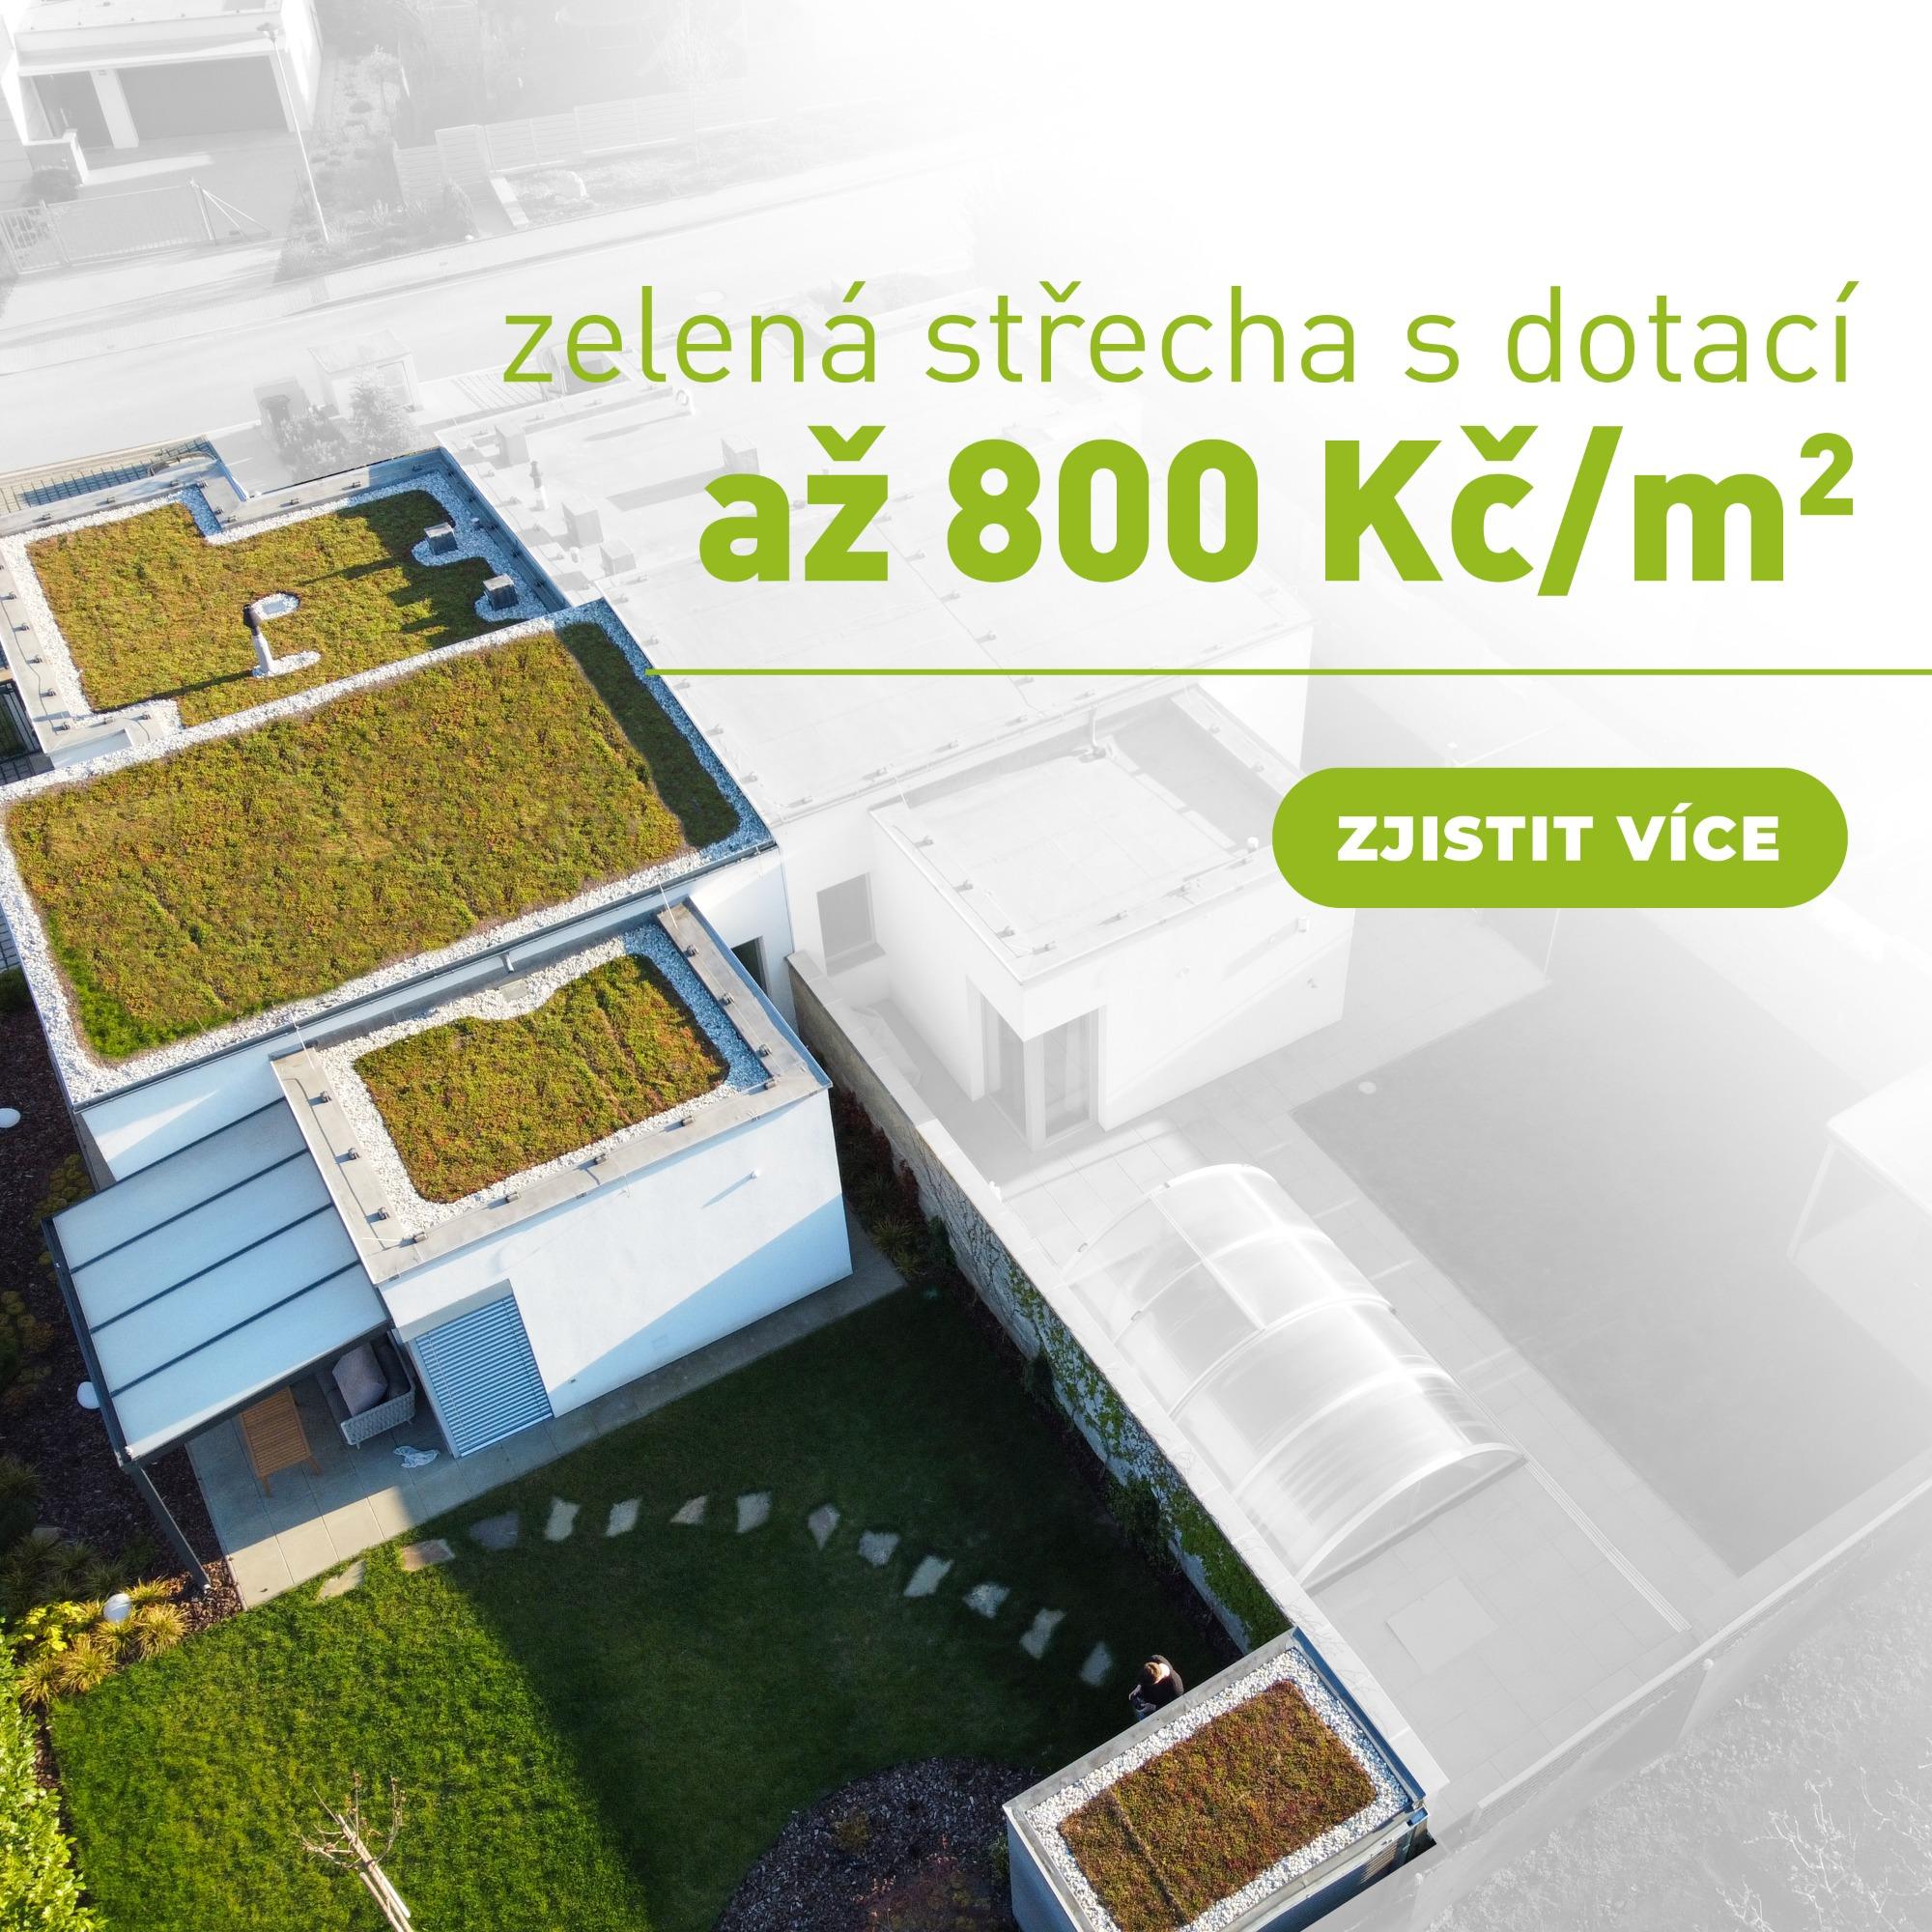 Dotace na zelené střechy zvýšena na 800 Kč za metr čtvereční!